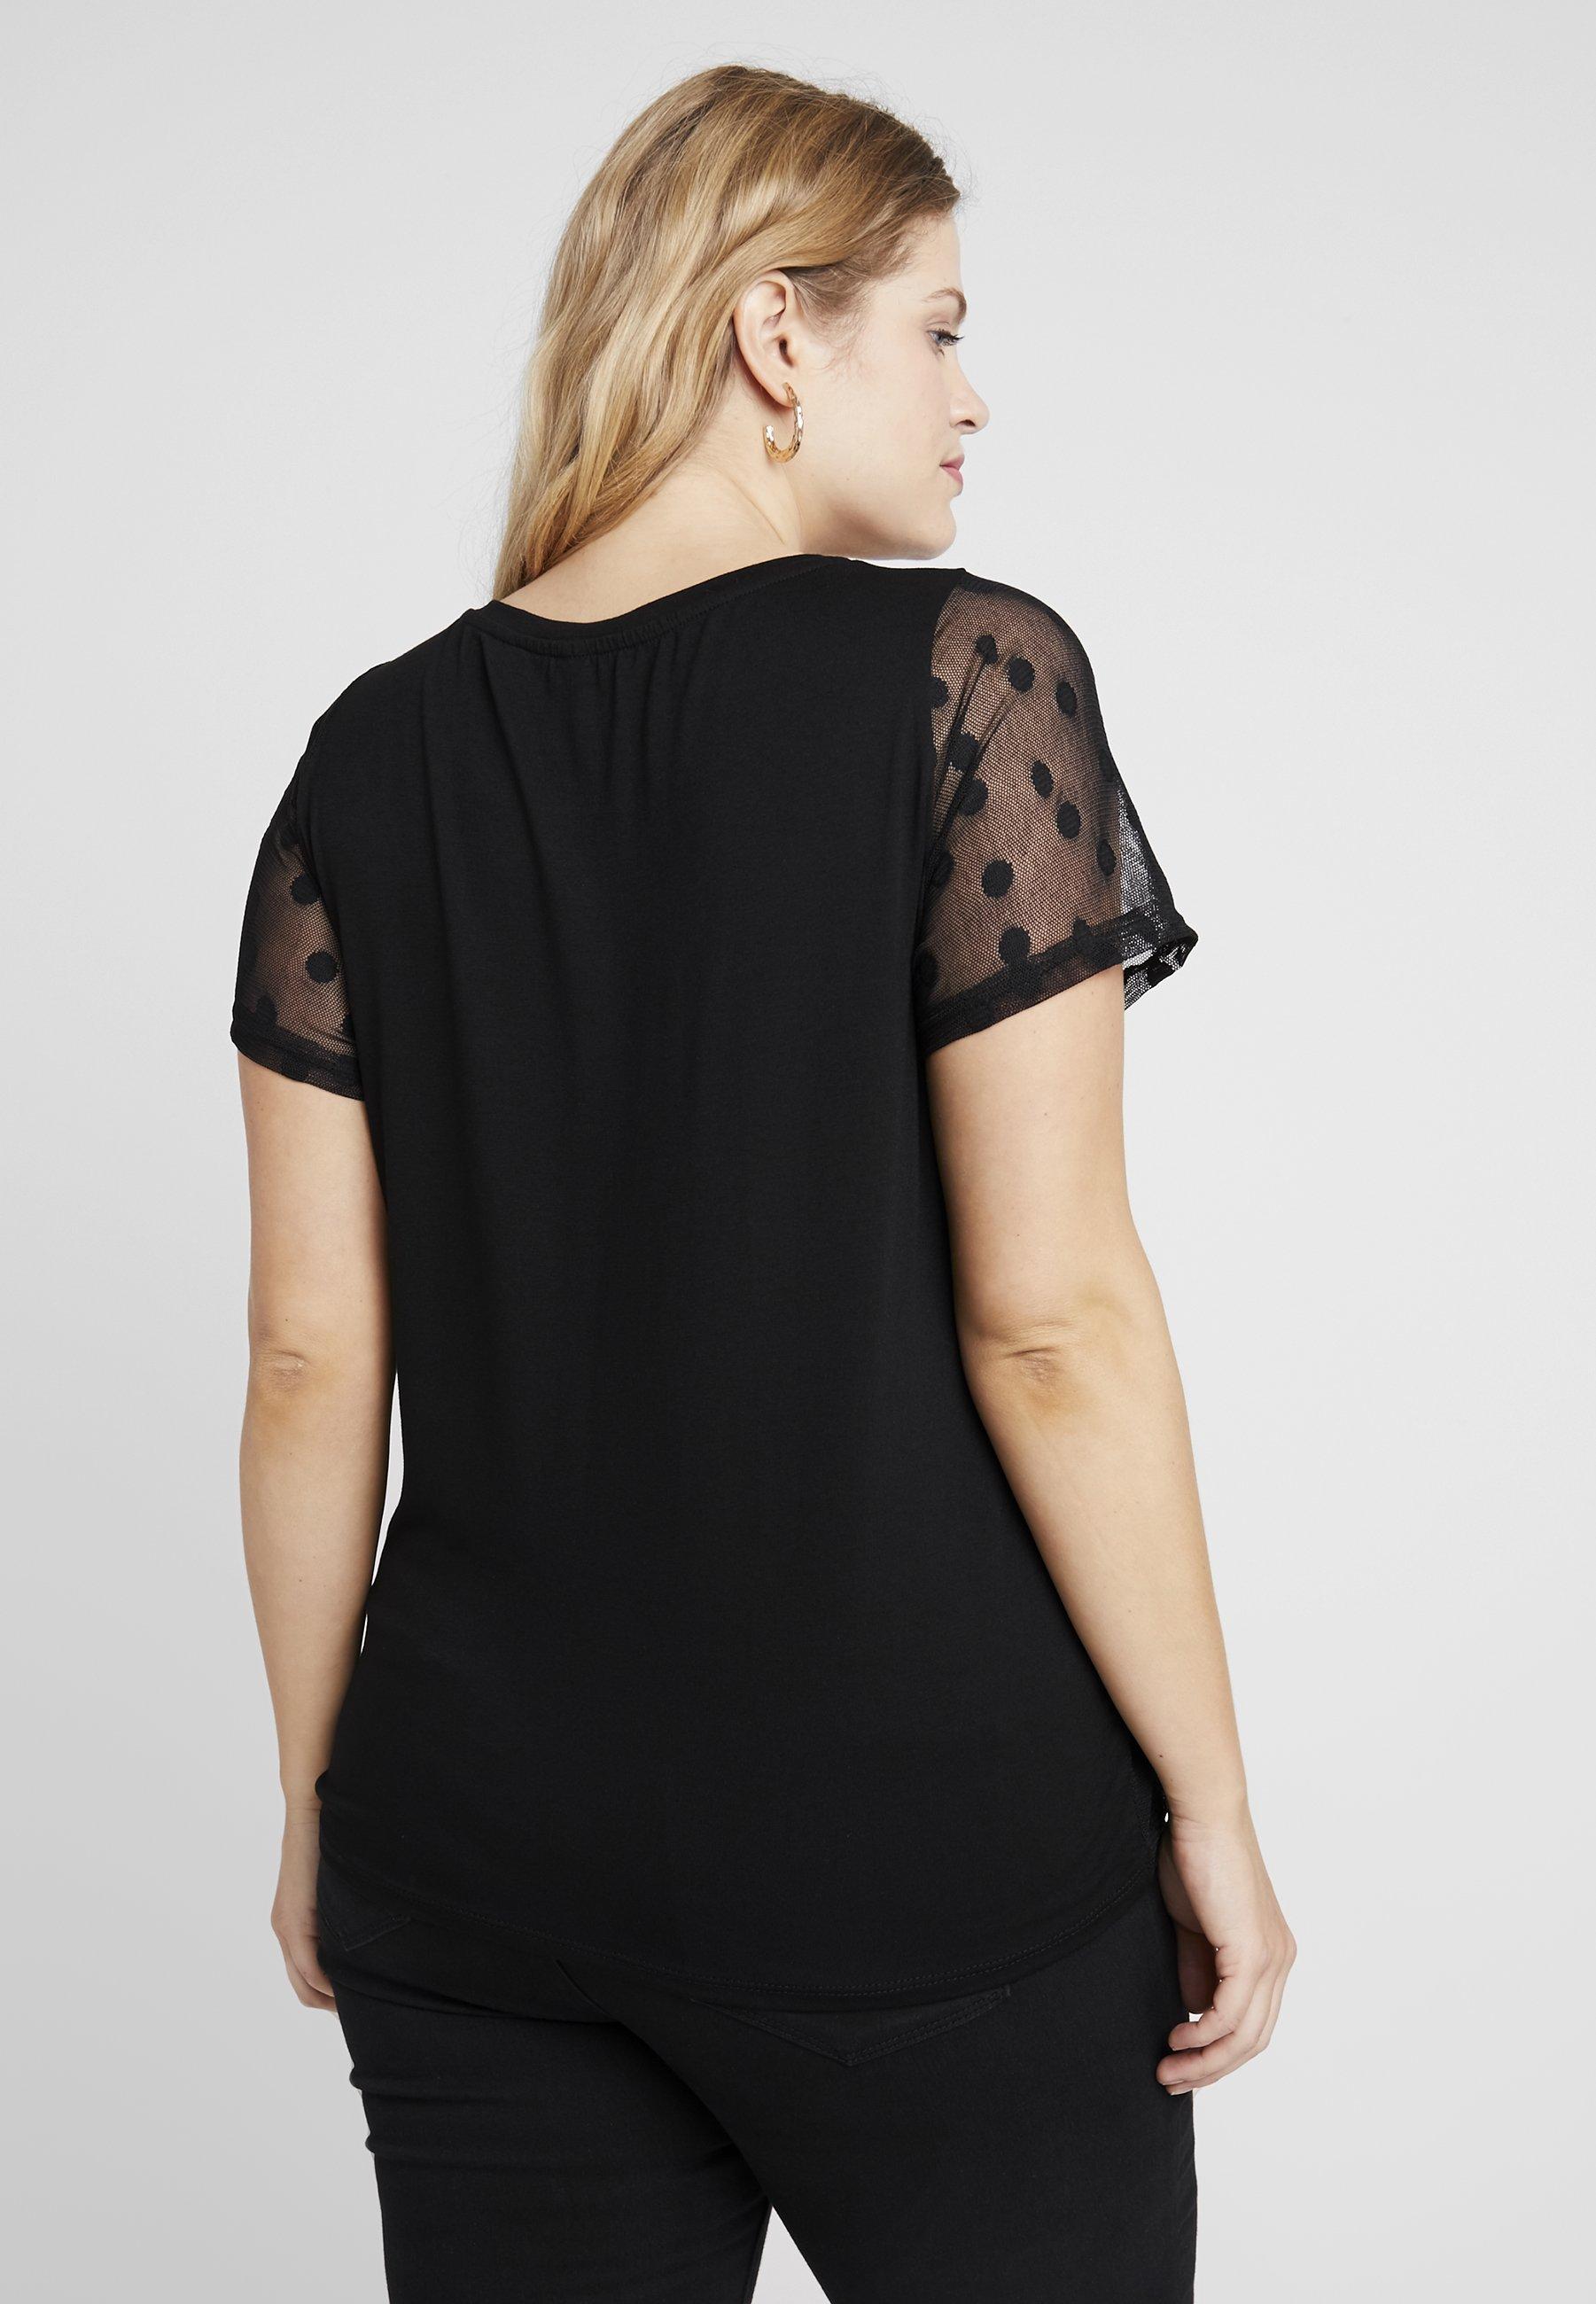 shirt Basique Spot Perkins BlackT Curve Dorothy Tee BedorWCx